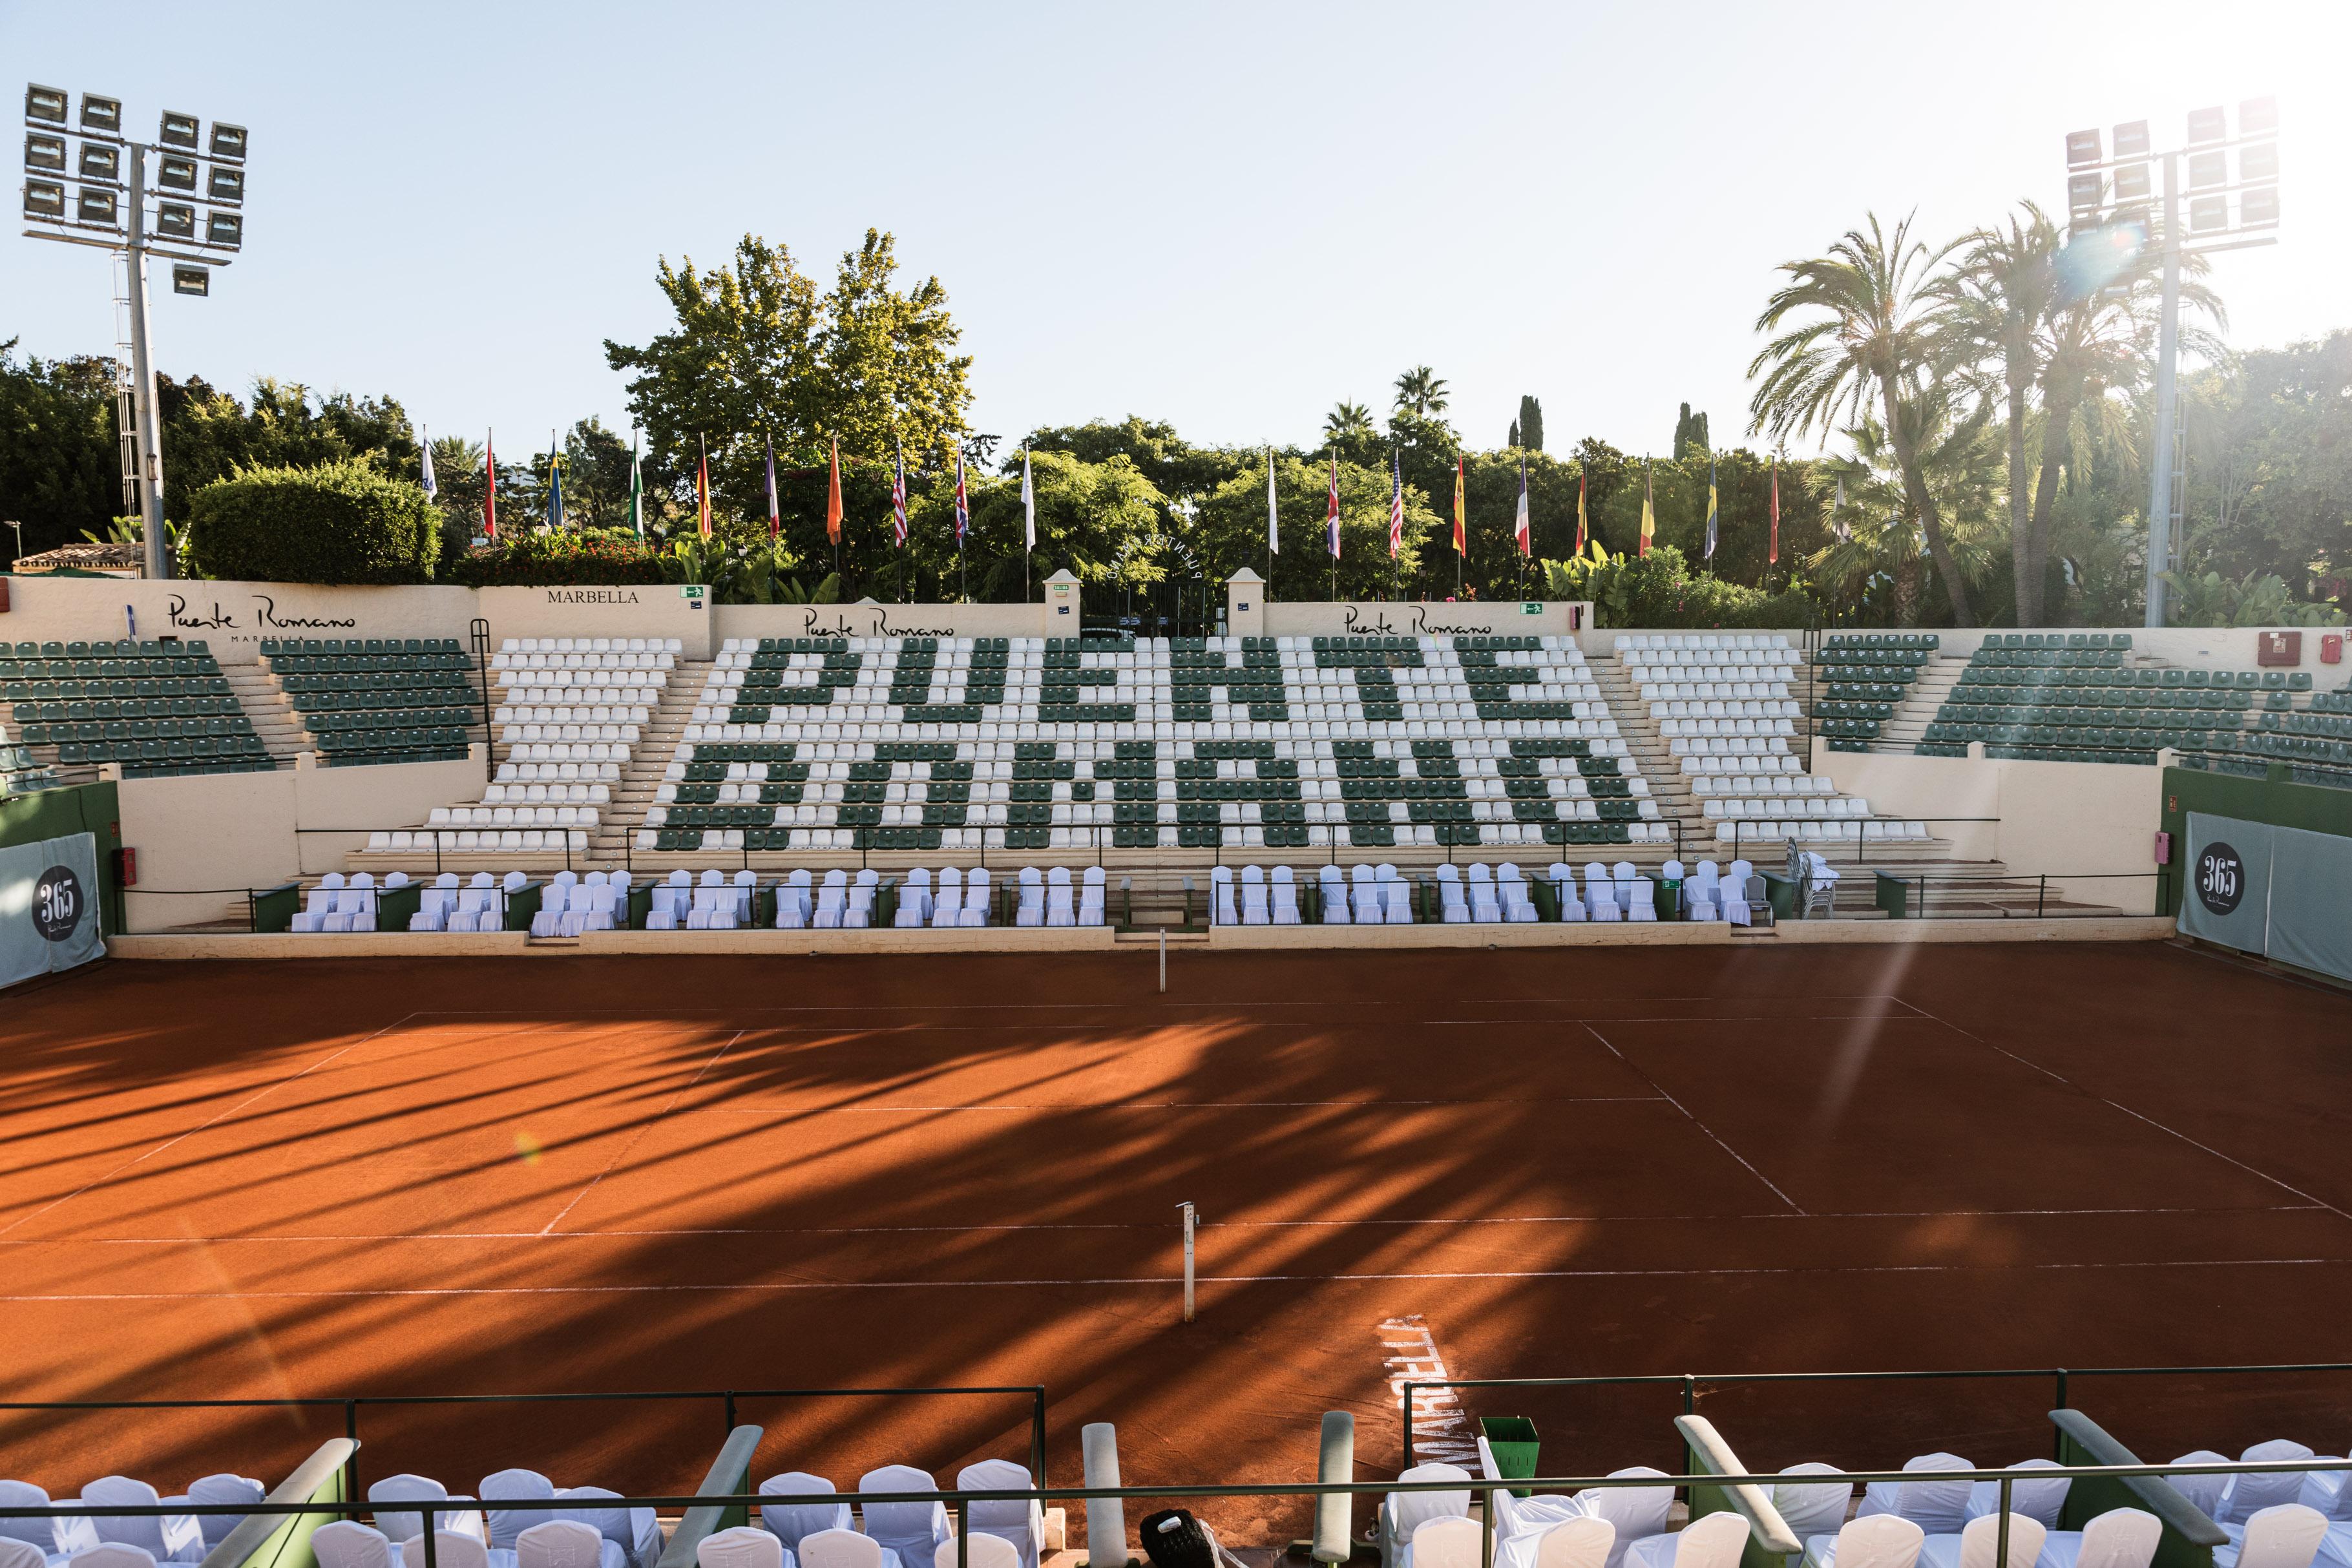 club-de-tenis-puente-romano-9